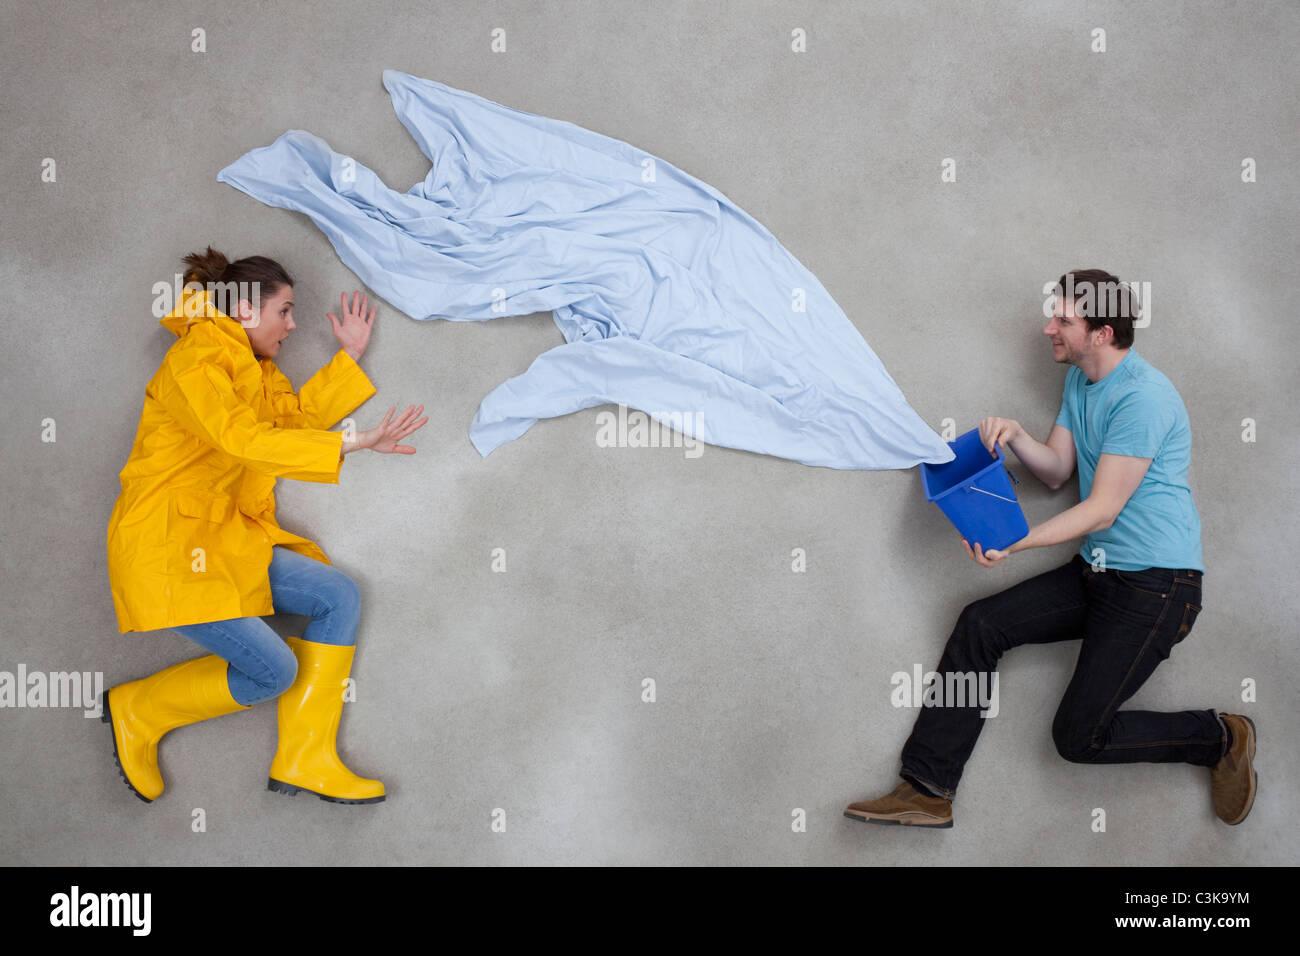 L'uomo schizzi secchio di acqua sulla donna Foto Stock